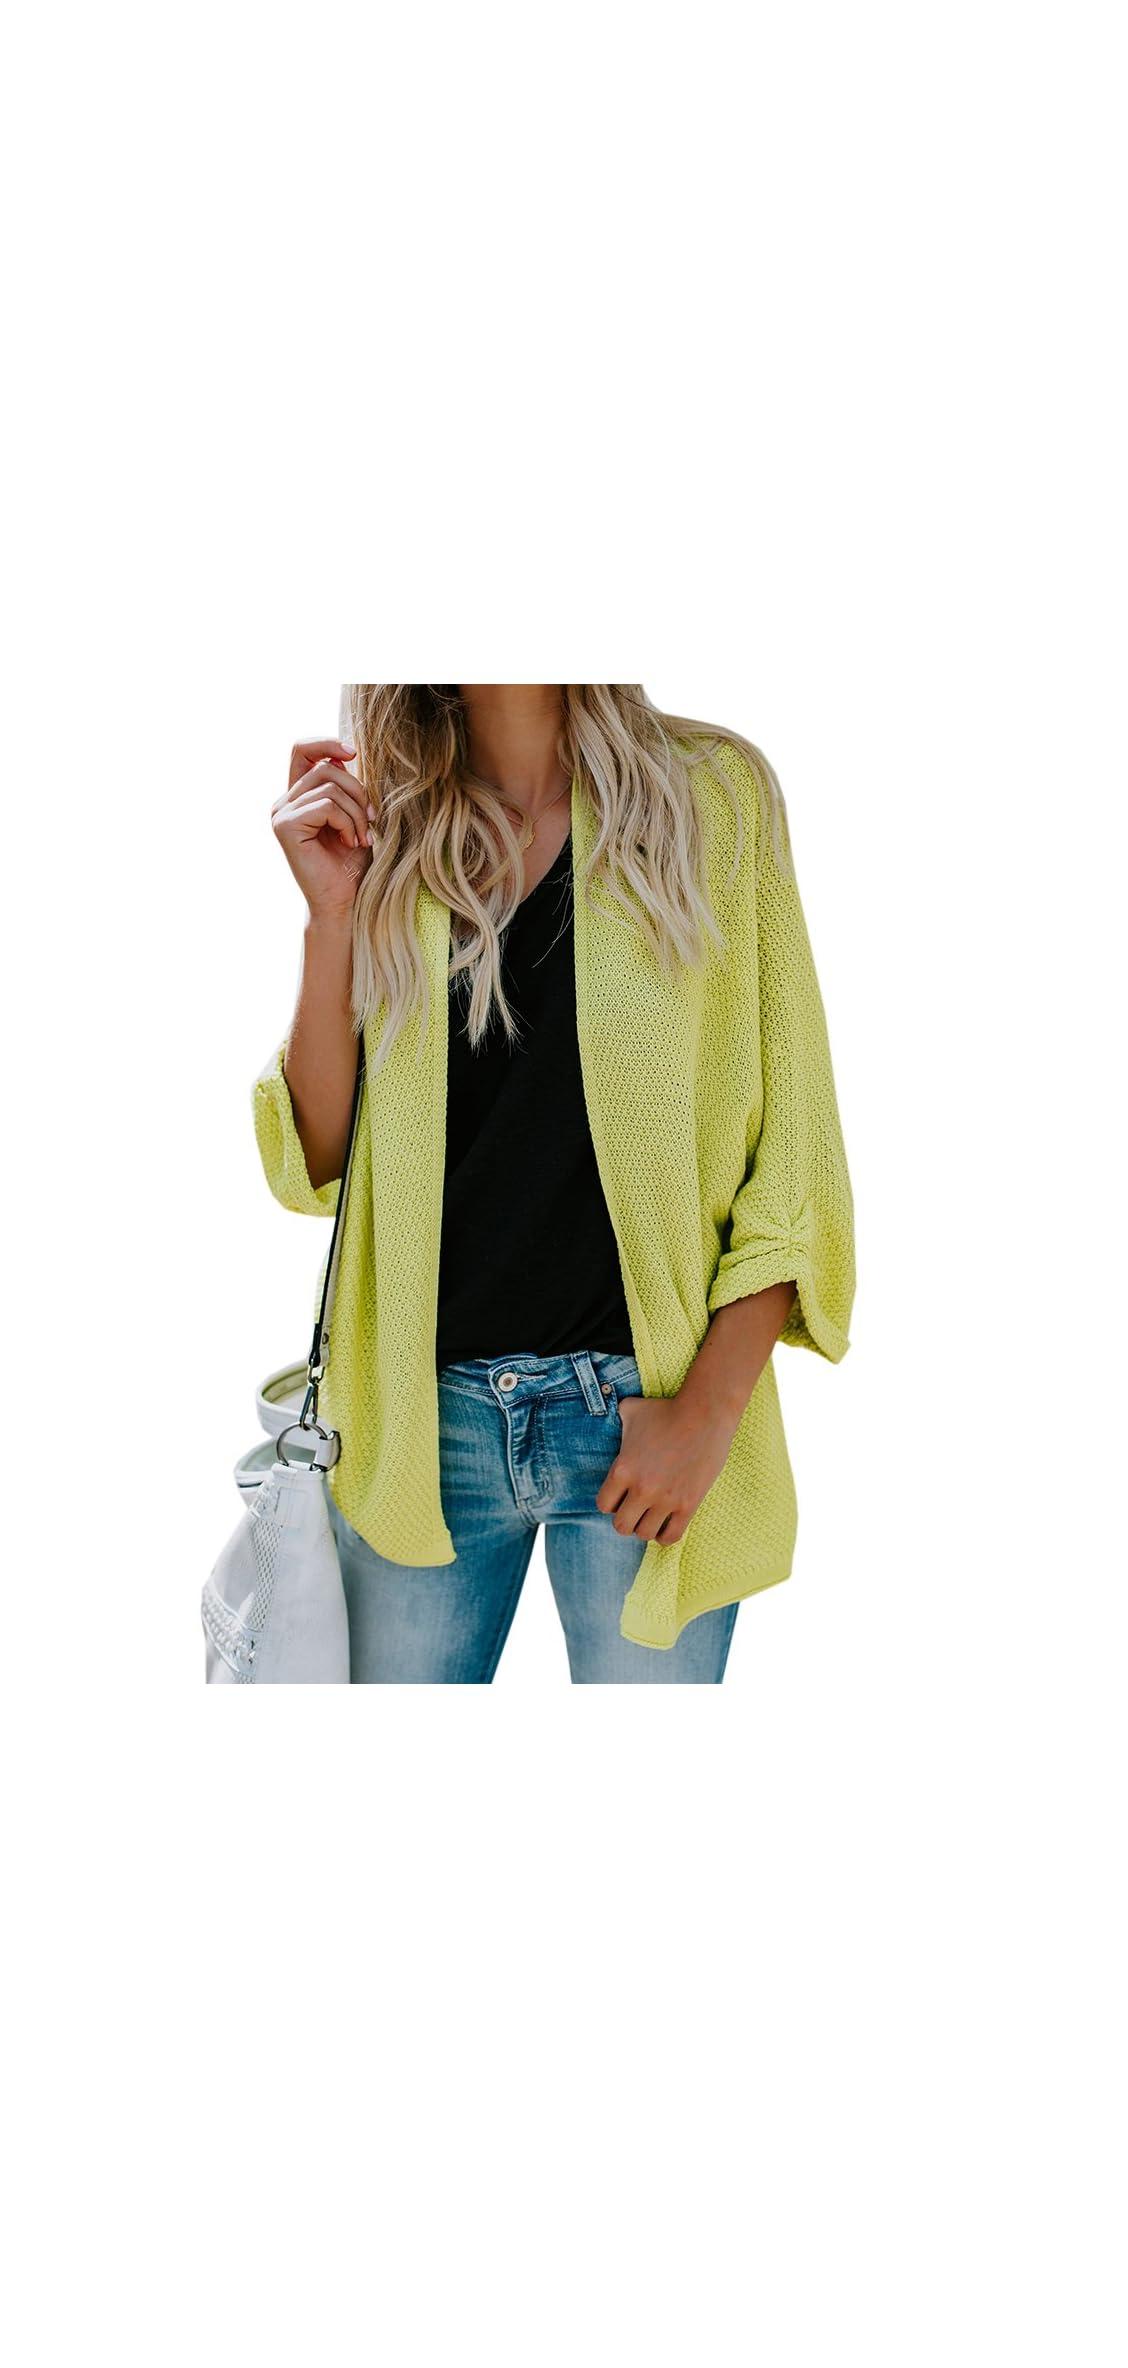 Womens Dolman Sleeve Cardigan Sweaters Oversized Open Front Knit